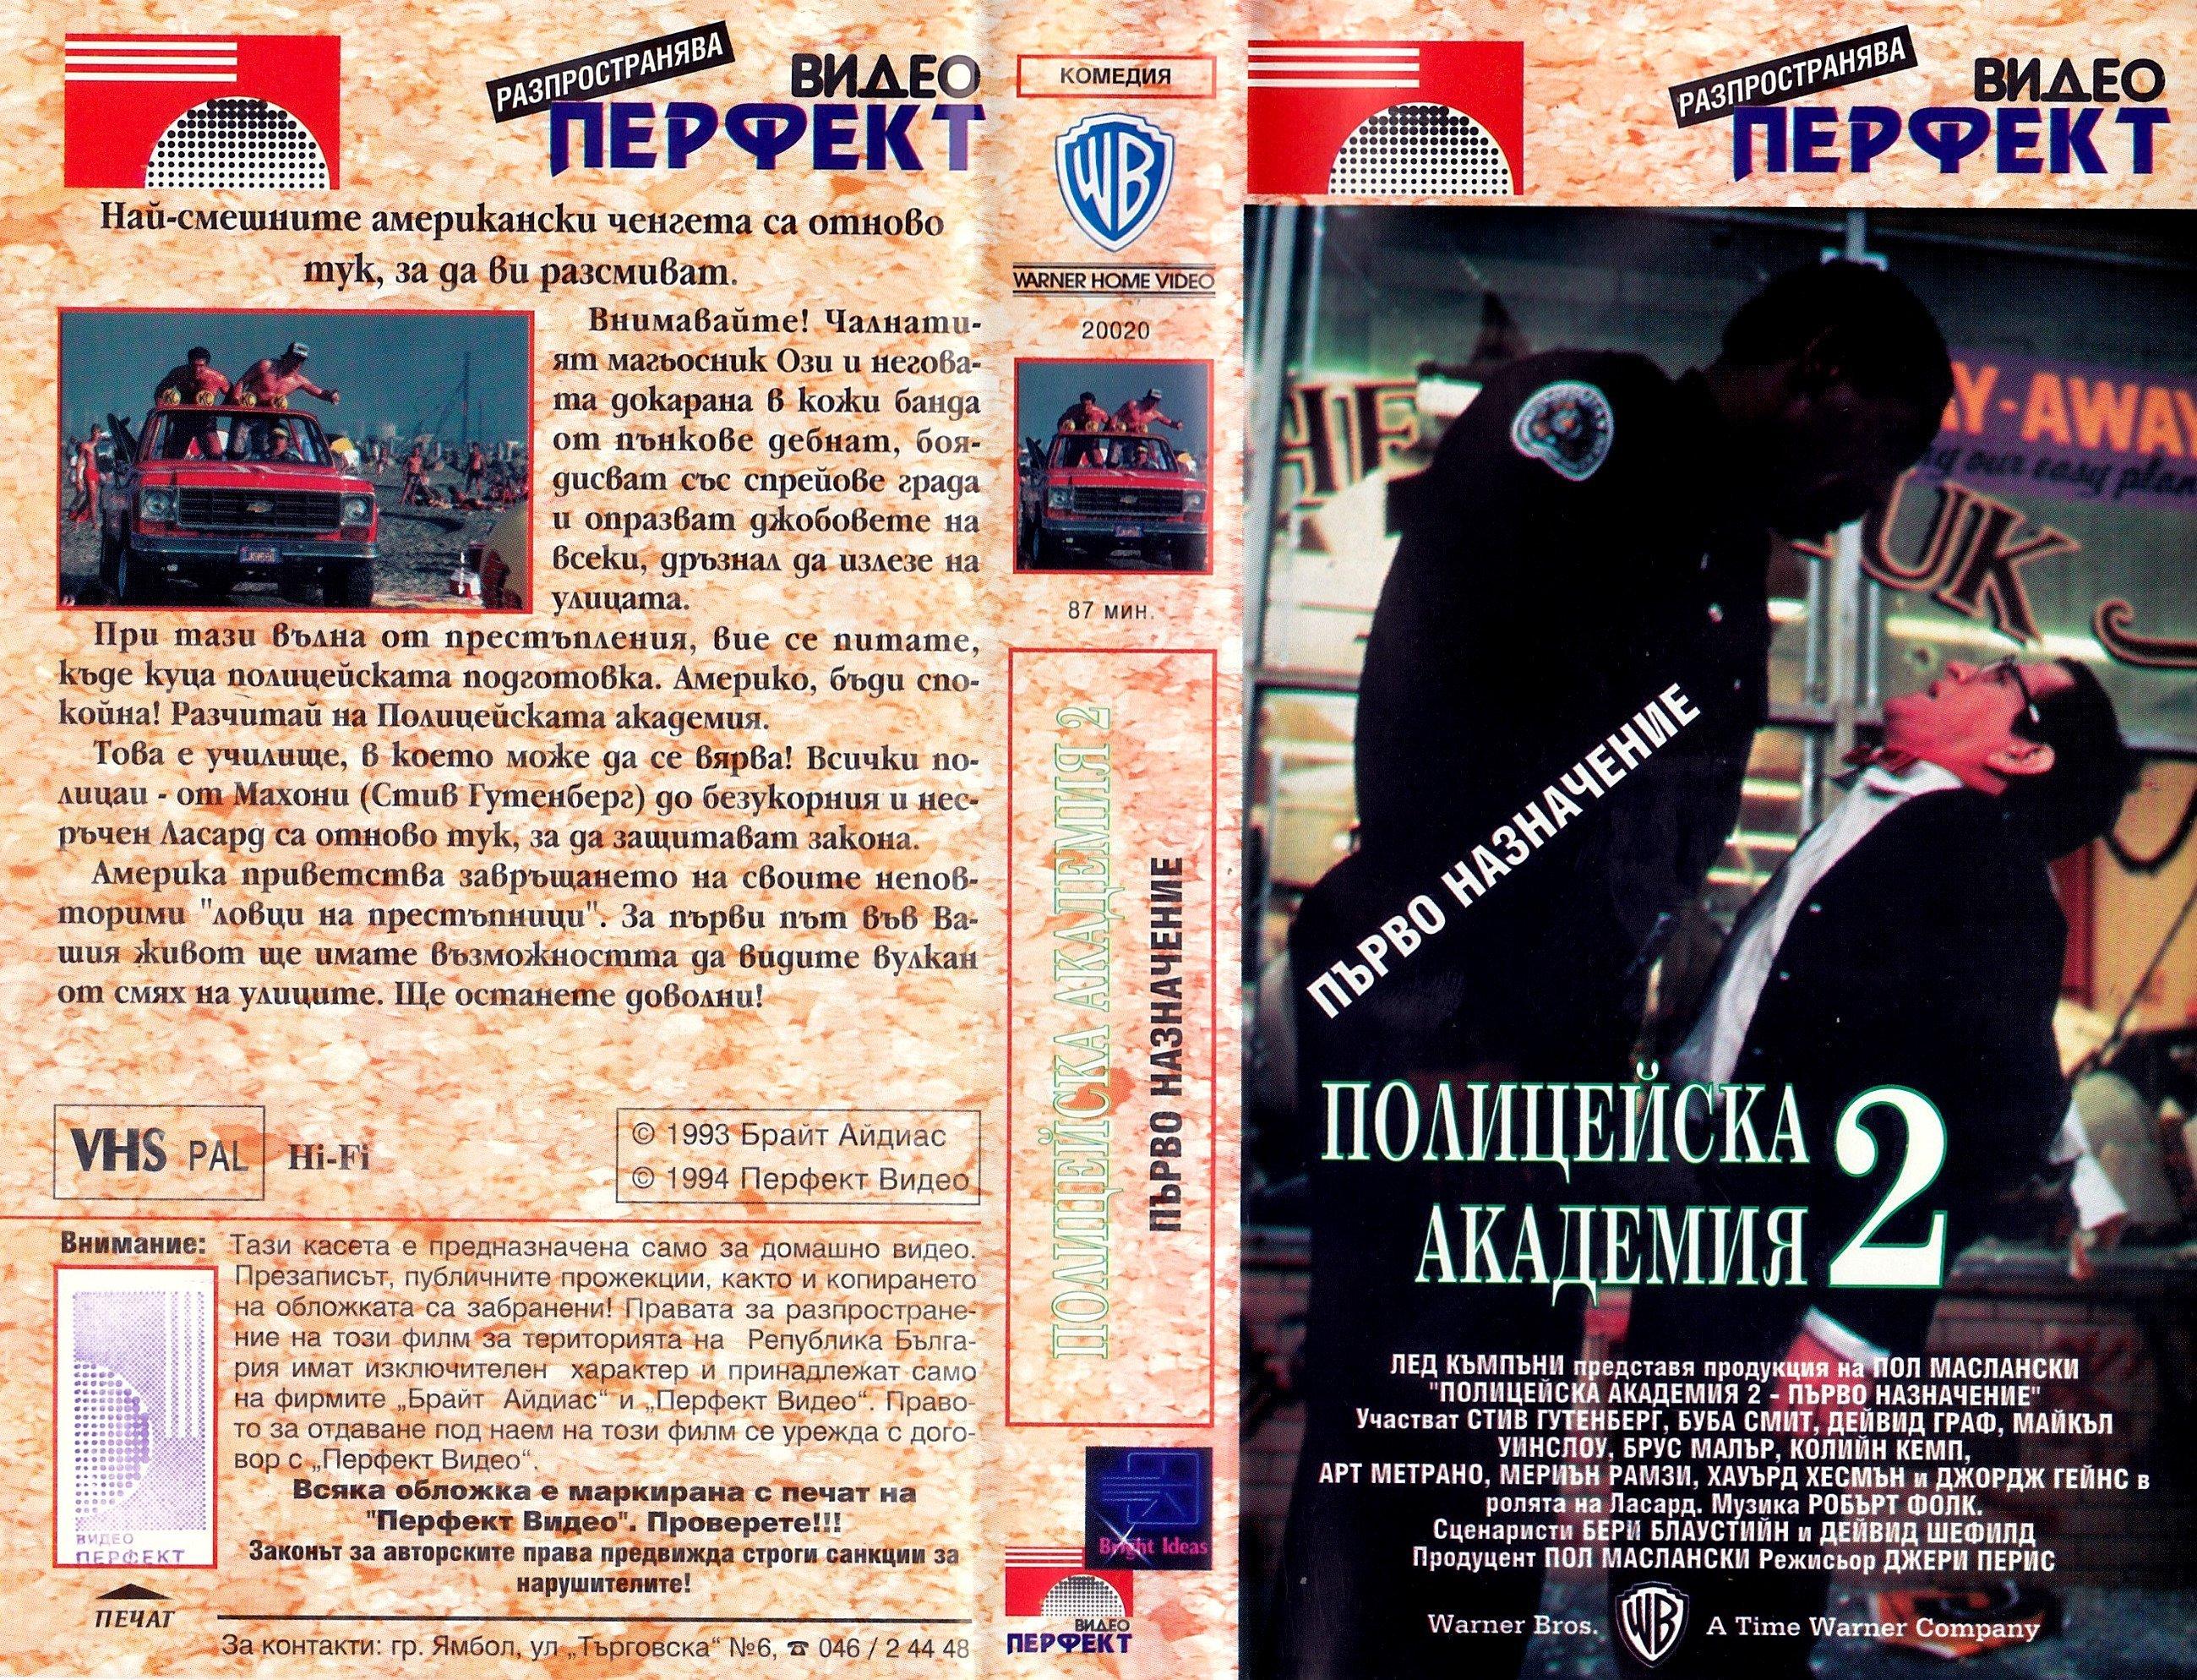 Полицейска академия 2 филм постер